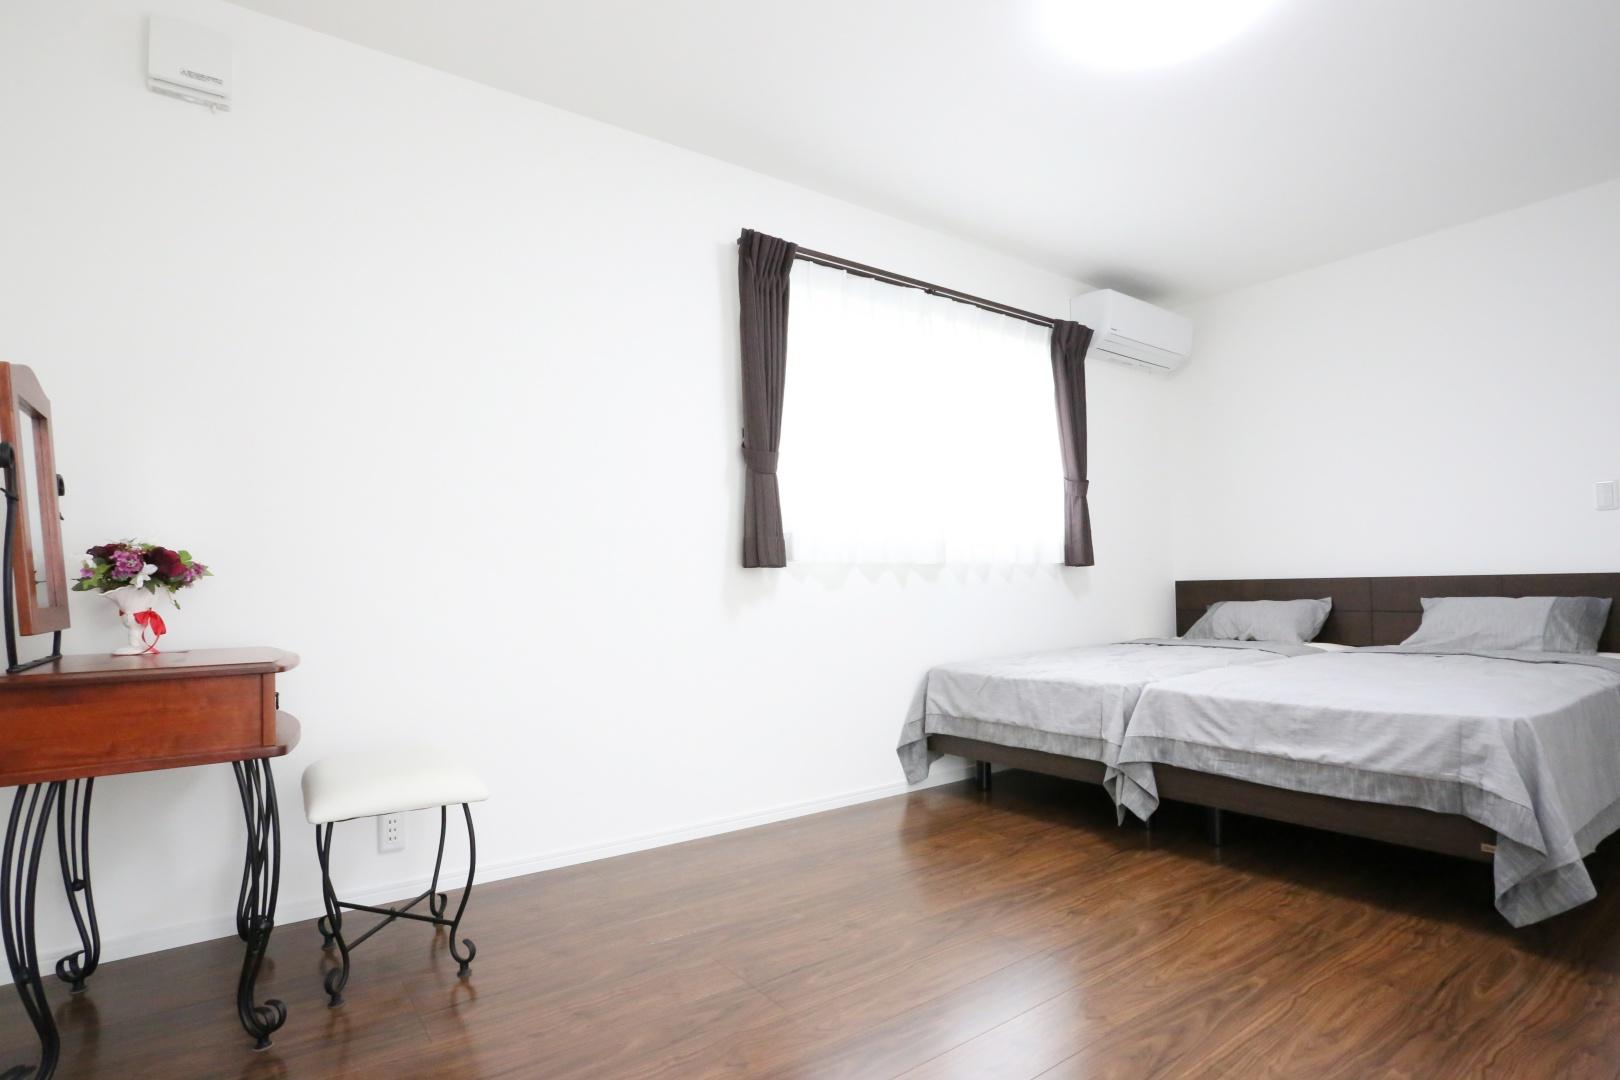 主寝室(9畳) 夫婦の寝室はゆったり寛げるよう少し広めに。